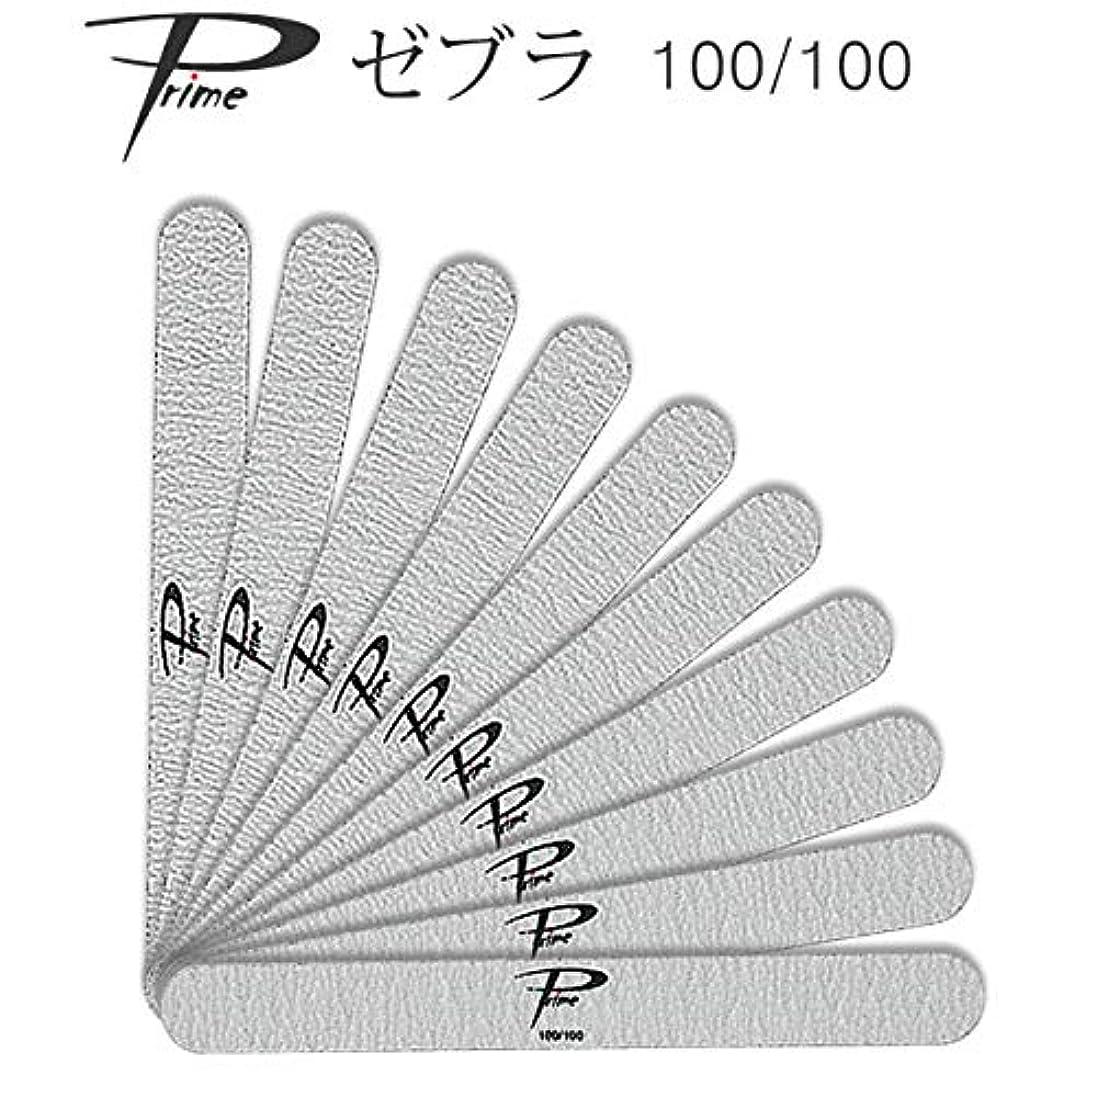 スリーブ怖がって死ぬ旋律的10本セット Prime ゼブラファイル100/100